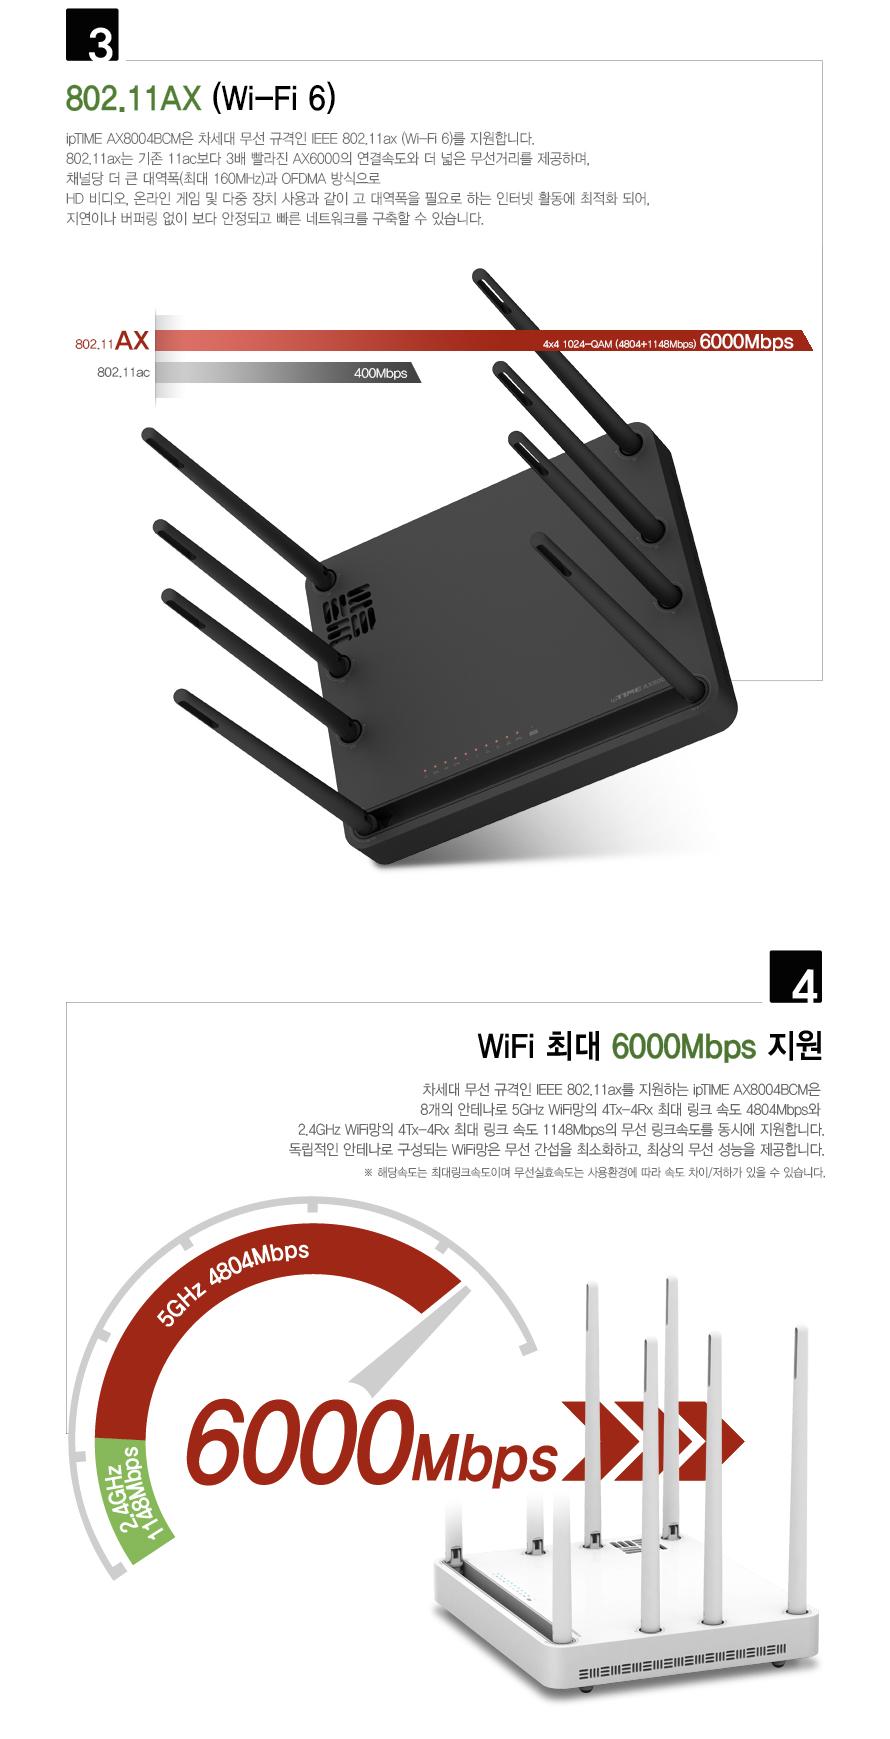 EFM ipTIME AX8004BCM 유무선공유기